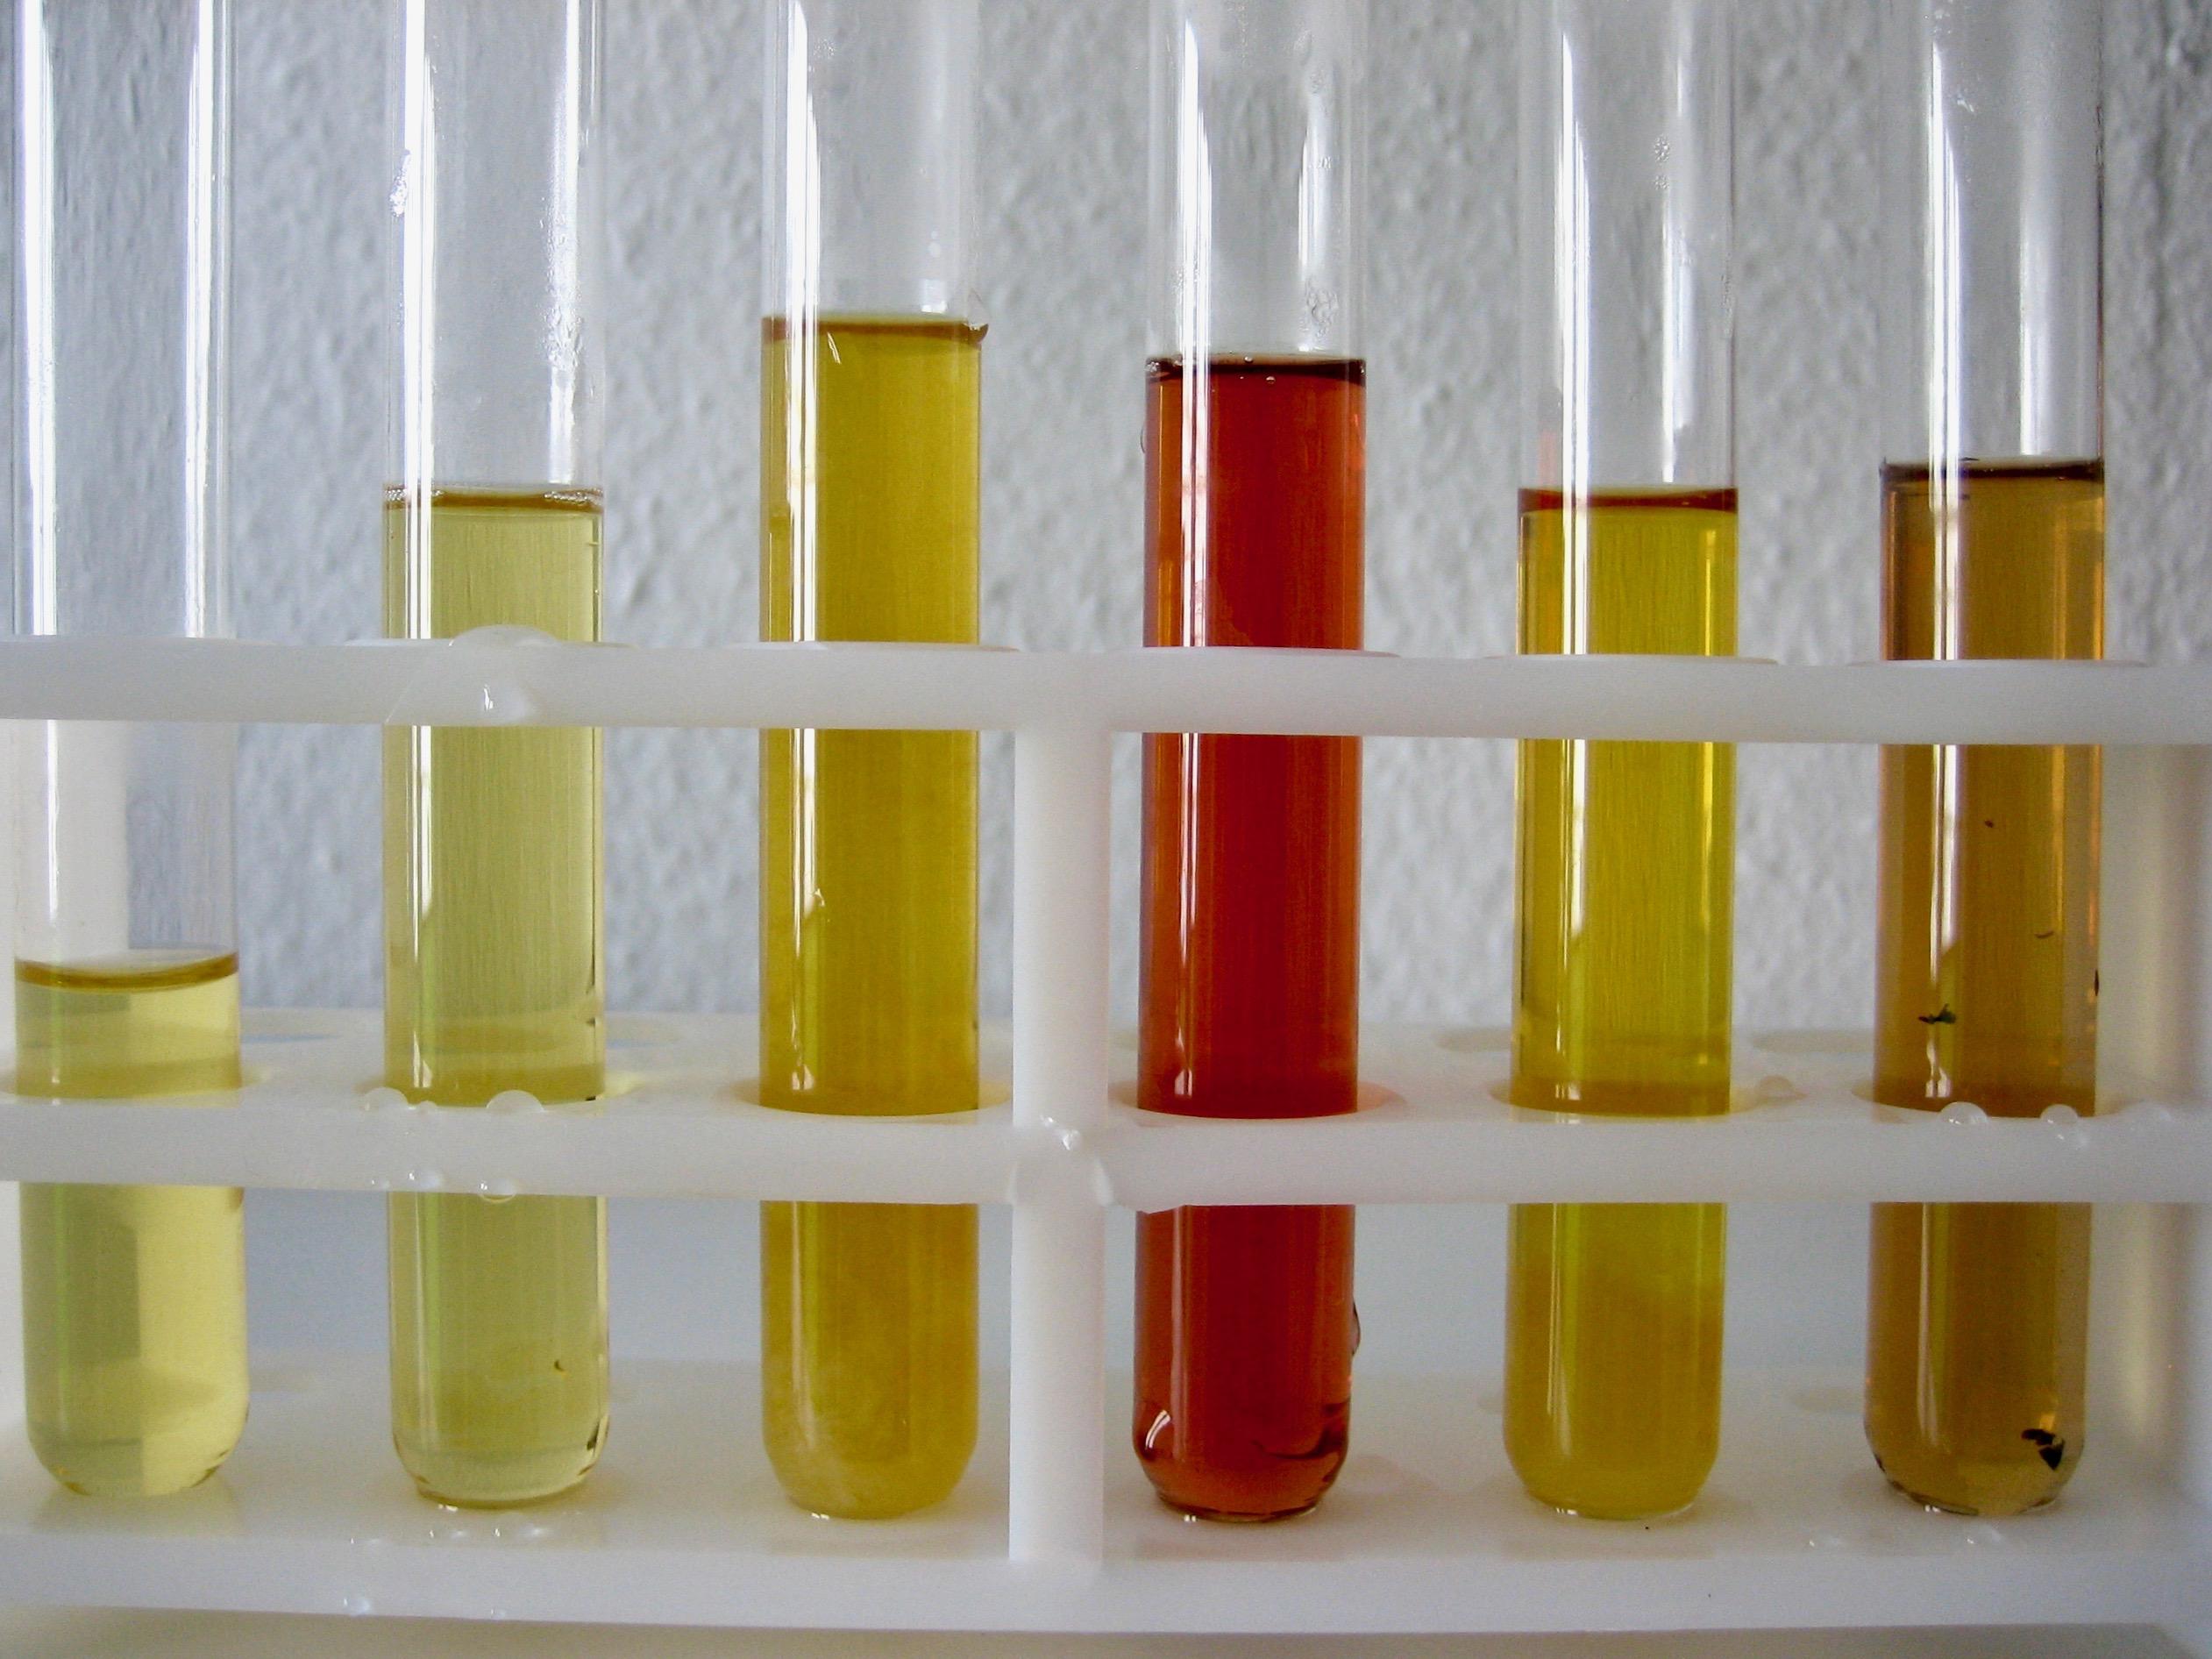 Urinfunktionstest zur Hinweisdiagnose auf Stoffwechselprobleme und Übersäuerung